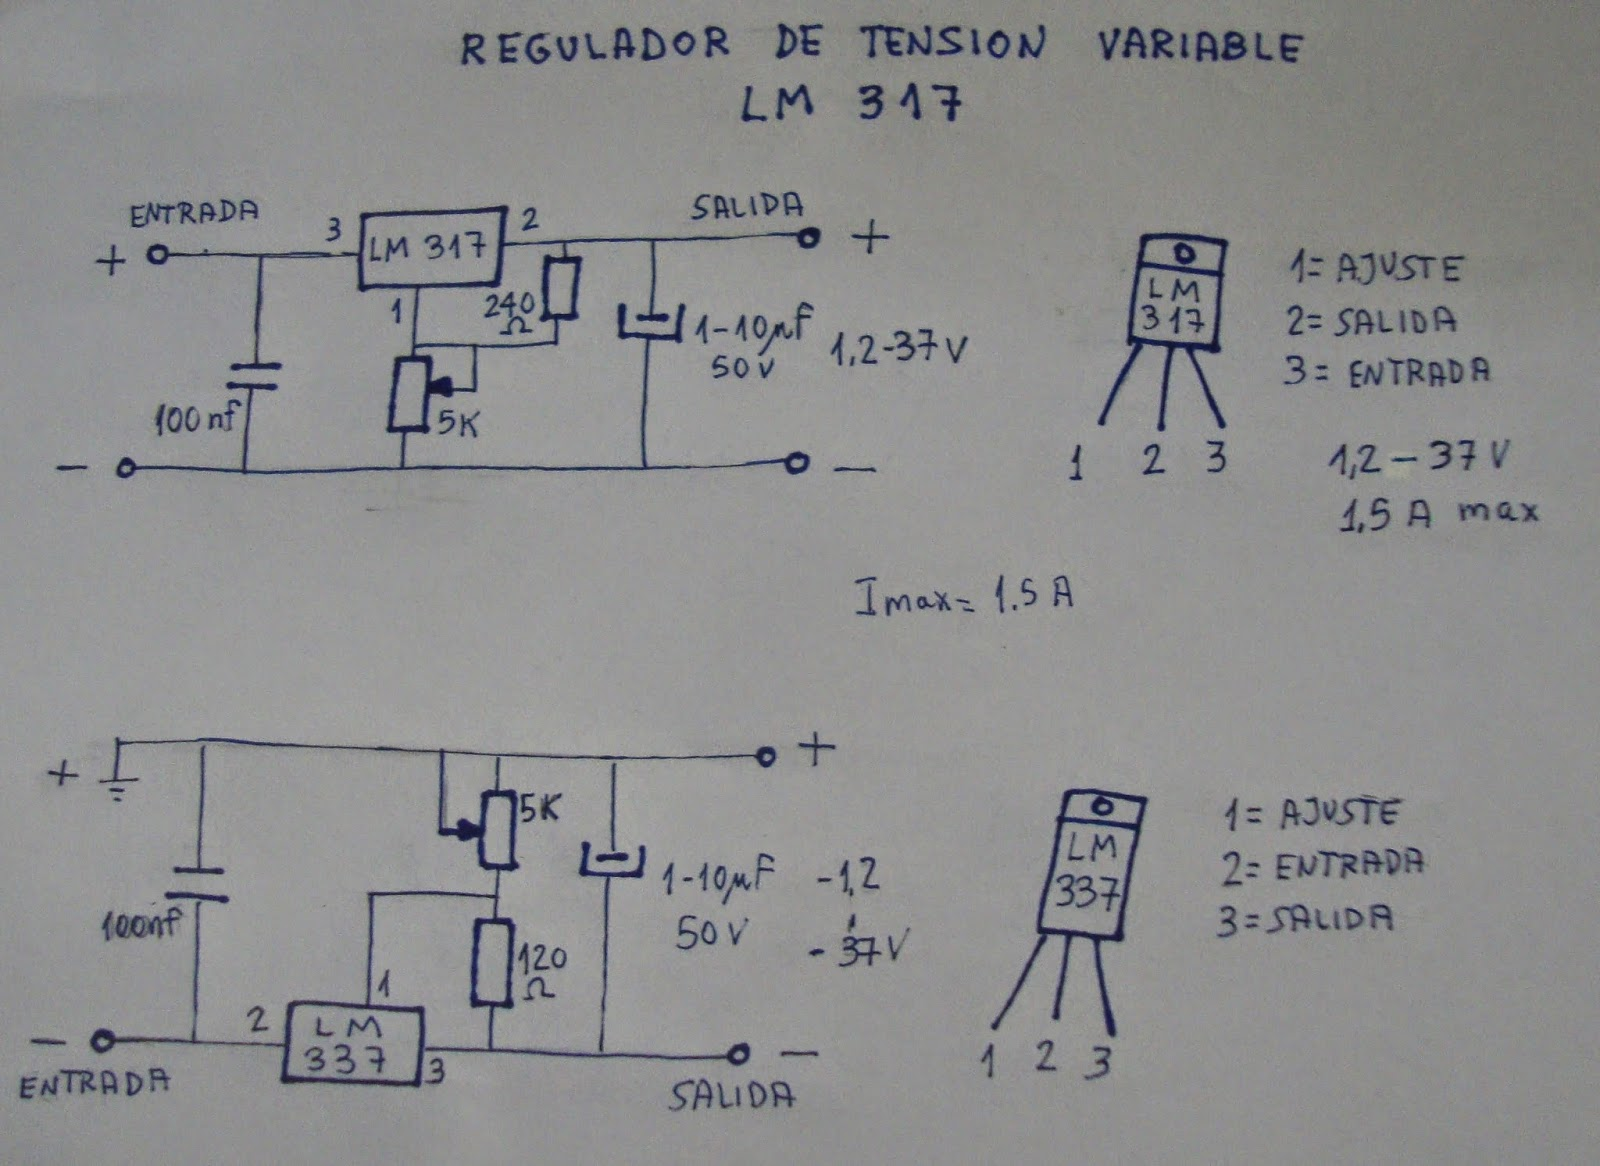 37v 1,5a nos 10 trozo lm317 to-220 regulador de voltaje 2,2v